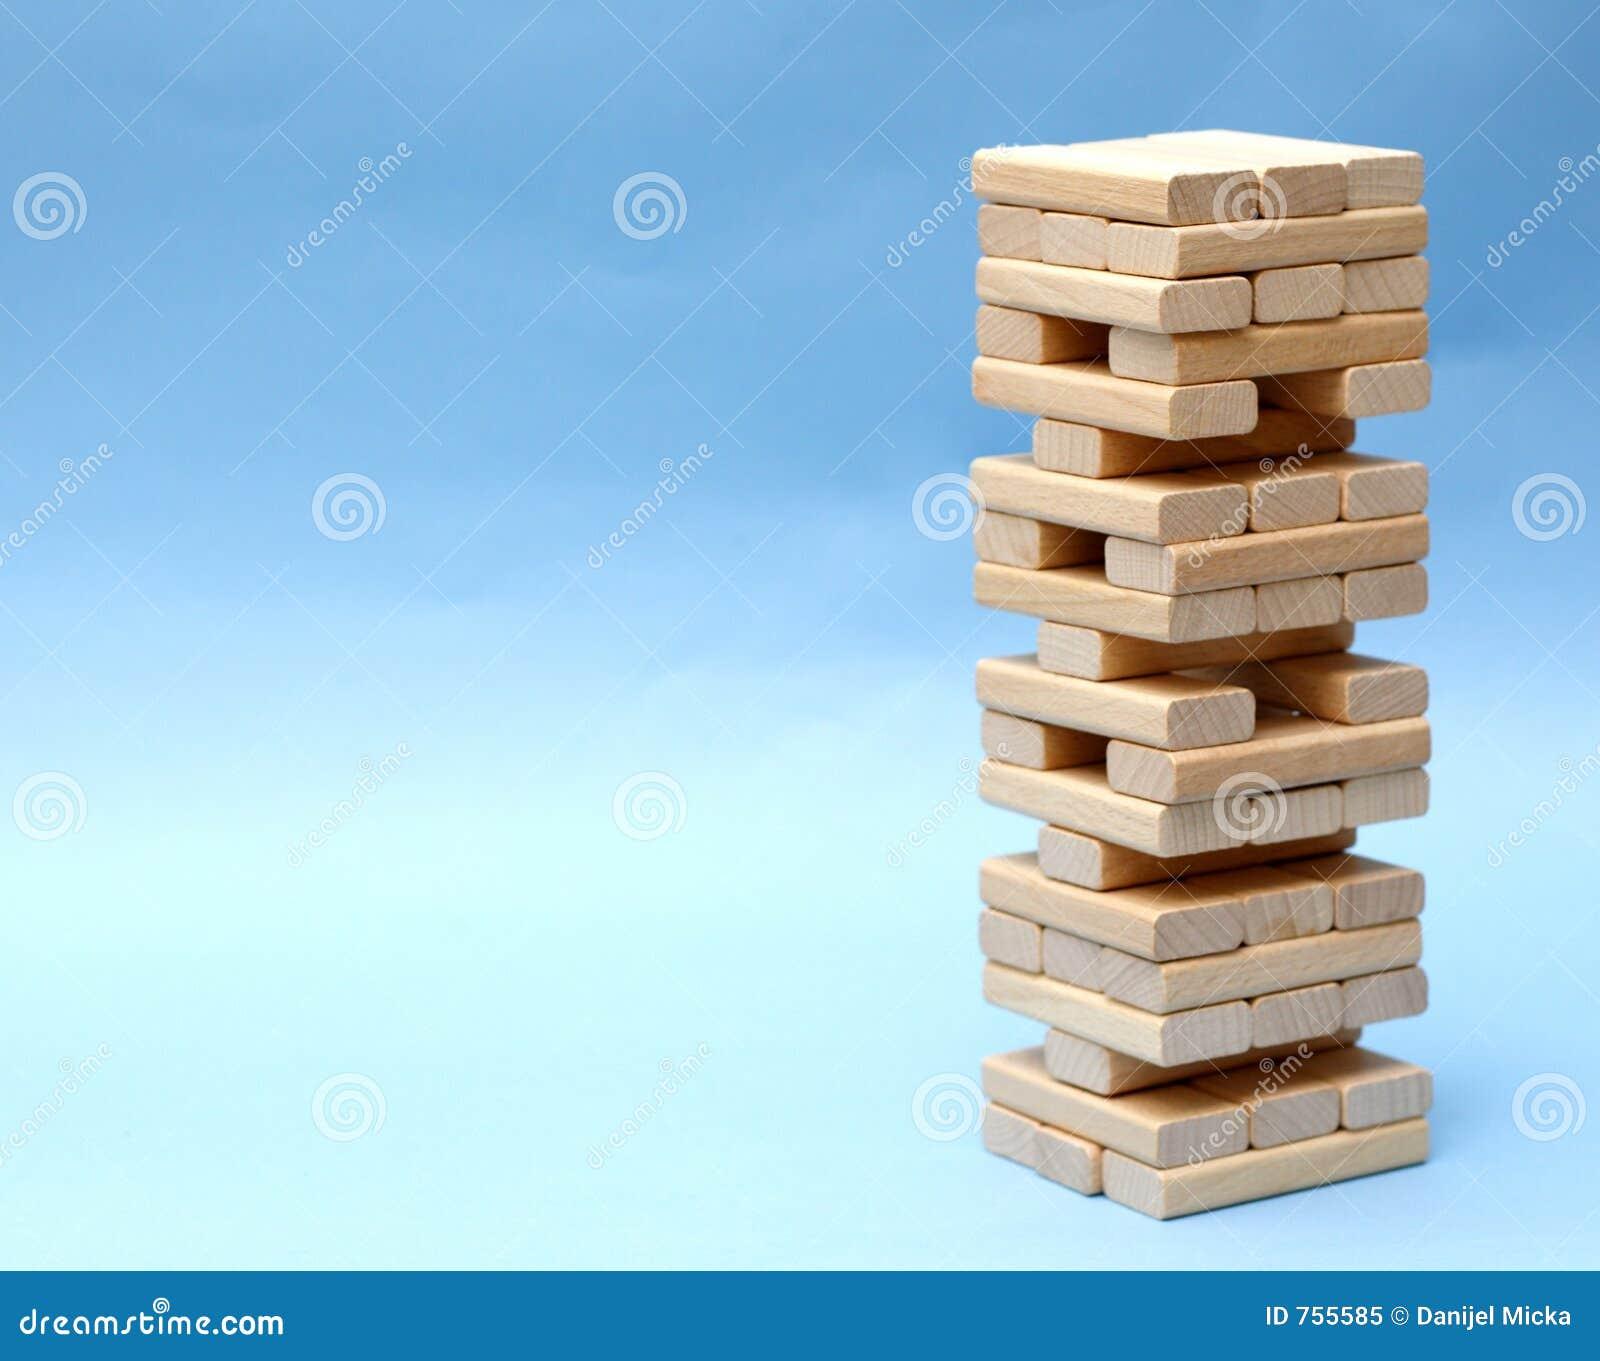 Edificio de bloques de madera